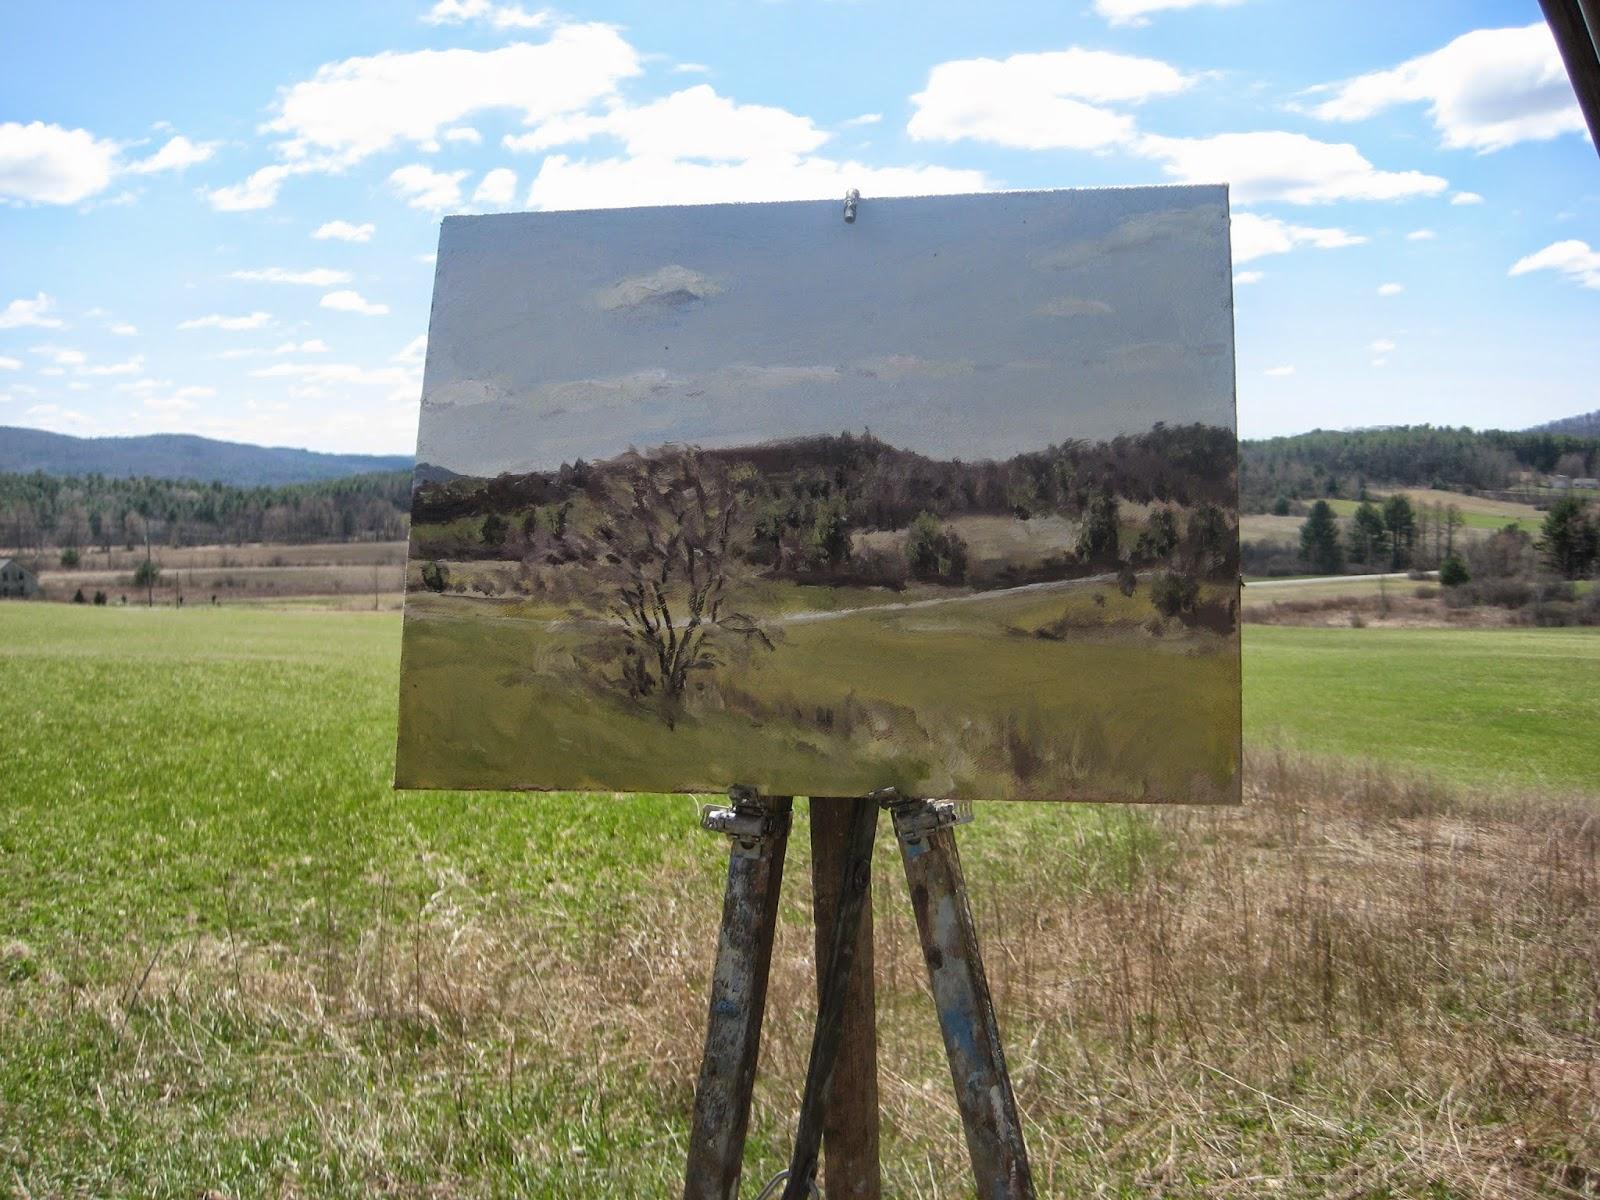 Matt Chinian Painting Blog: April 2014